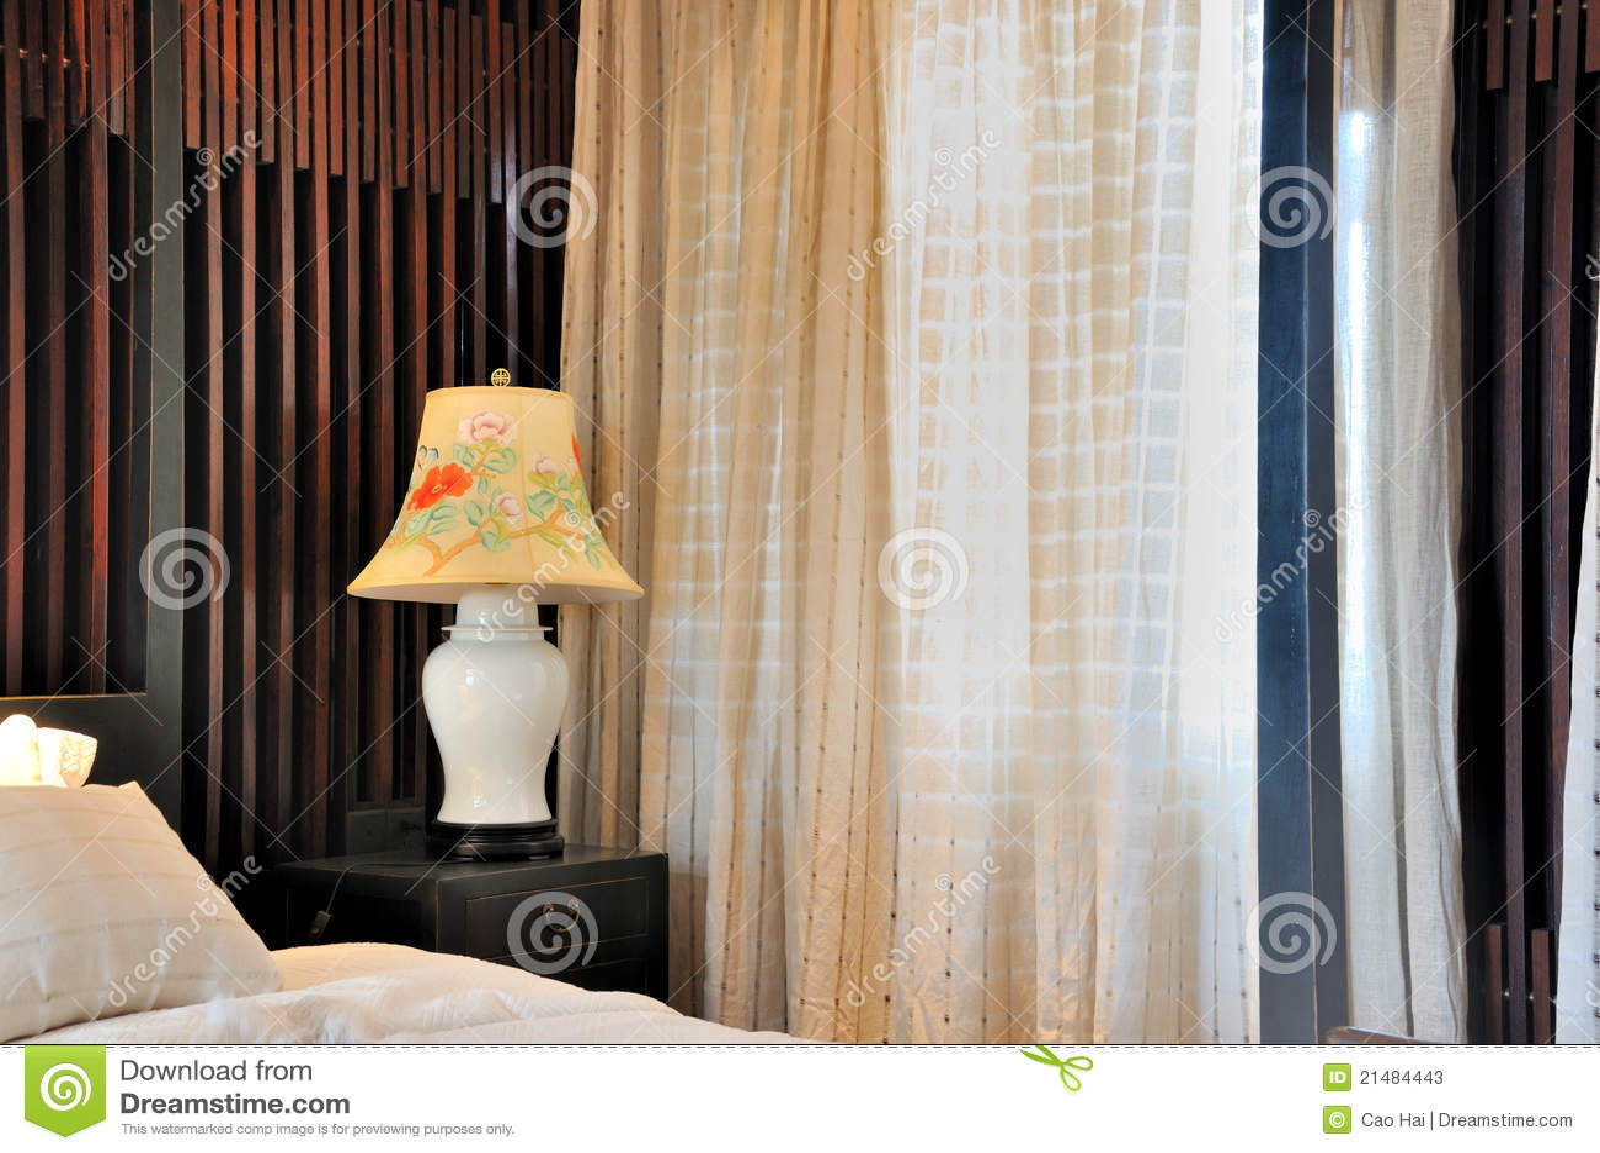 Decorazione Di Camera Da Letto : Tenda di finestra e decorazione fine ...